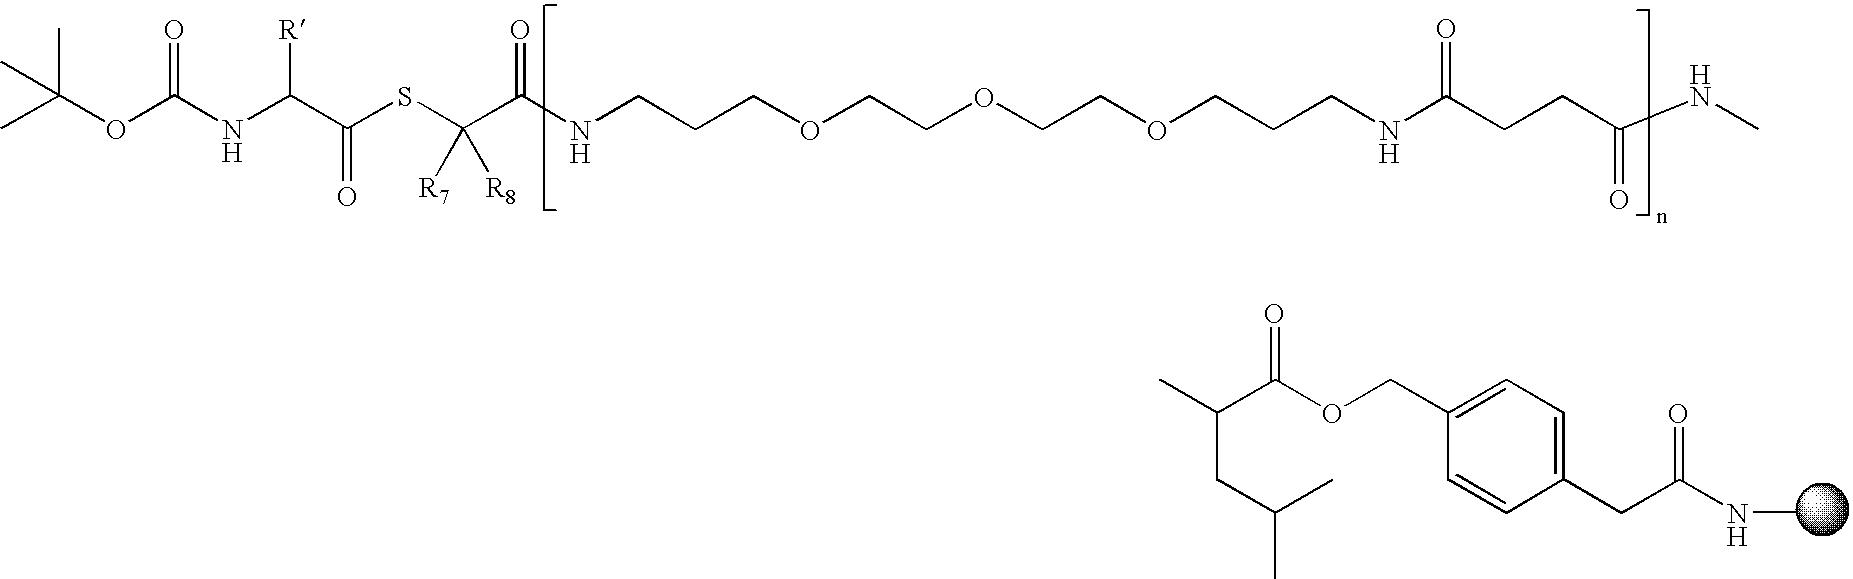 Figure US20060173159A1-20060803-C00016